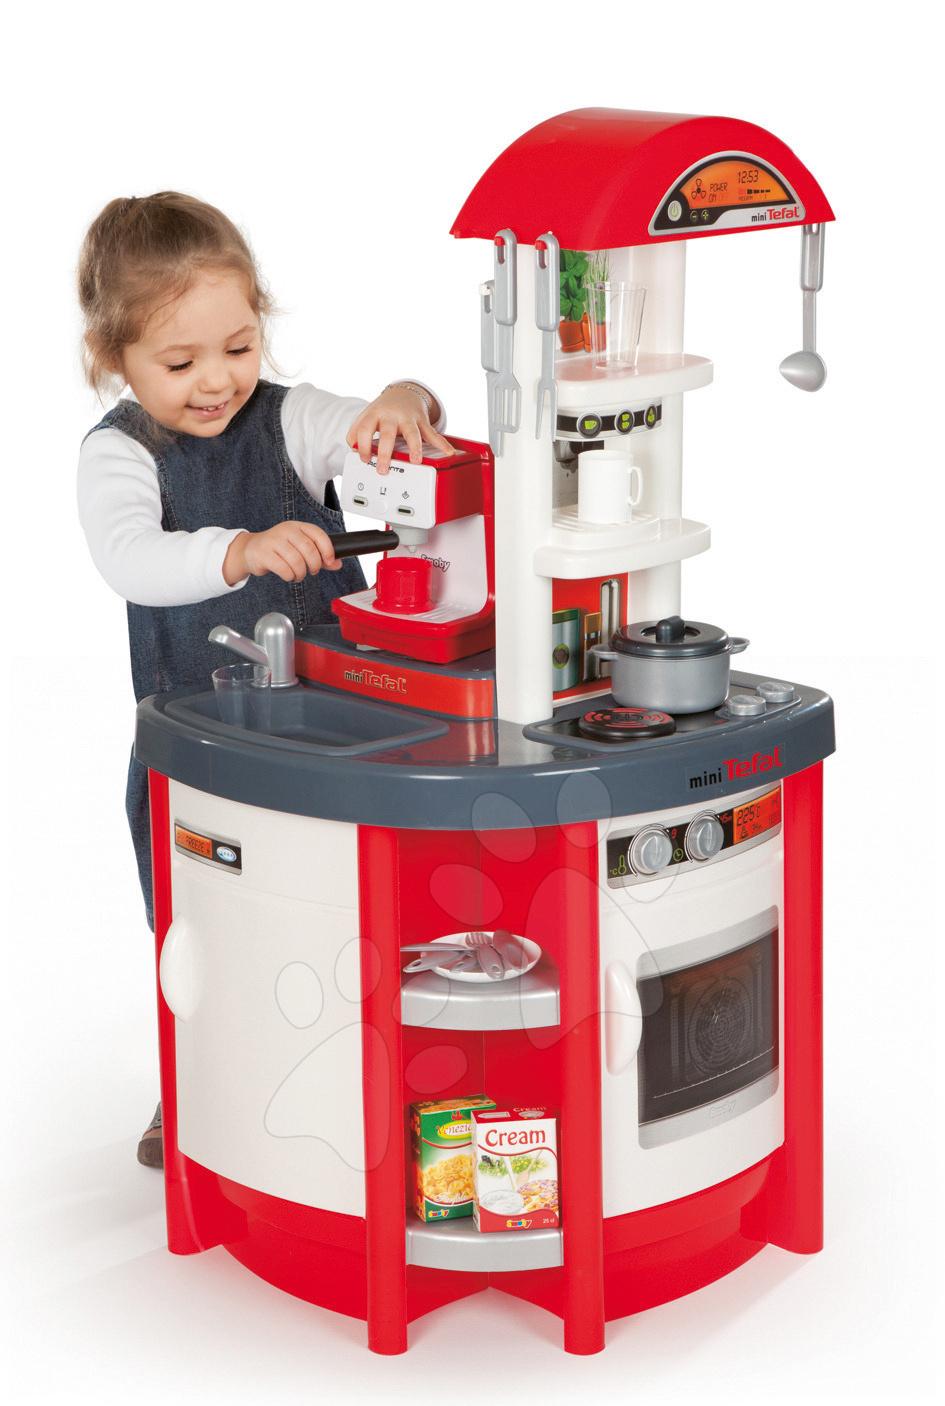 Kuchyňka pro děti Studio Tefal Smoby elektronická se zvuky, a kávovarem Espresso Rowenta a 19 doplňky červená